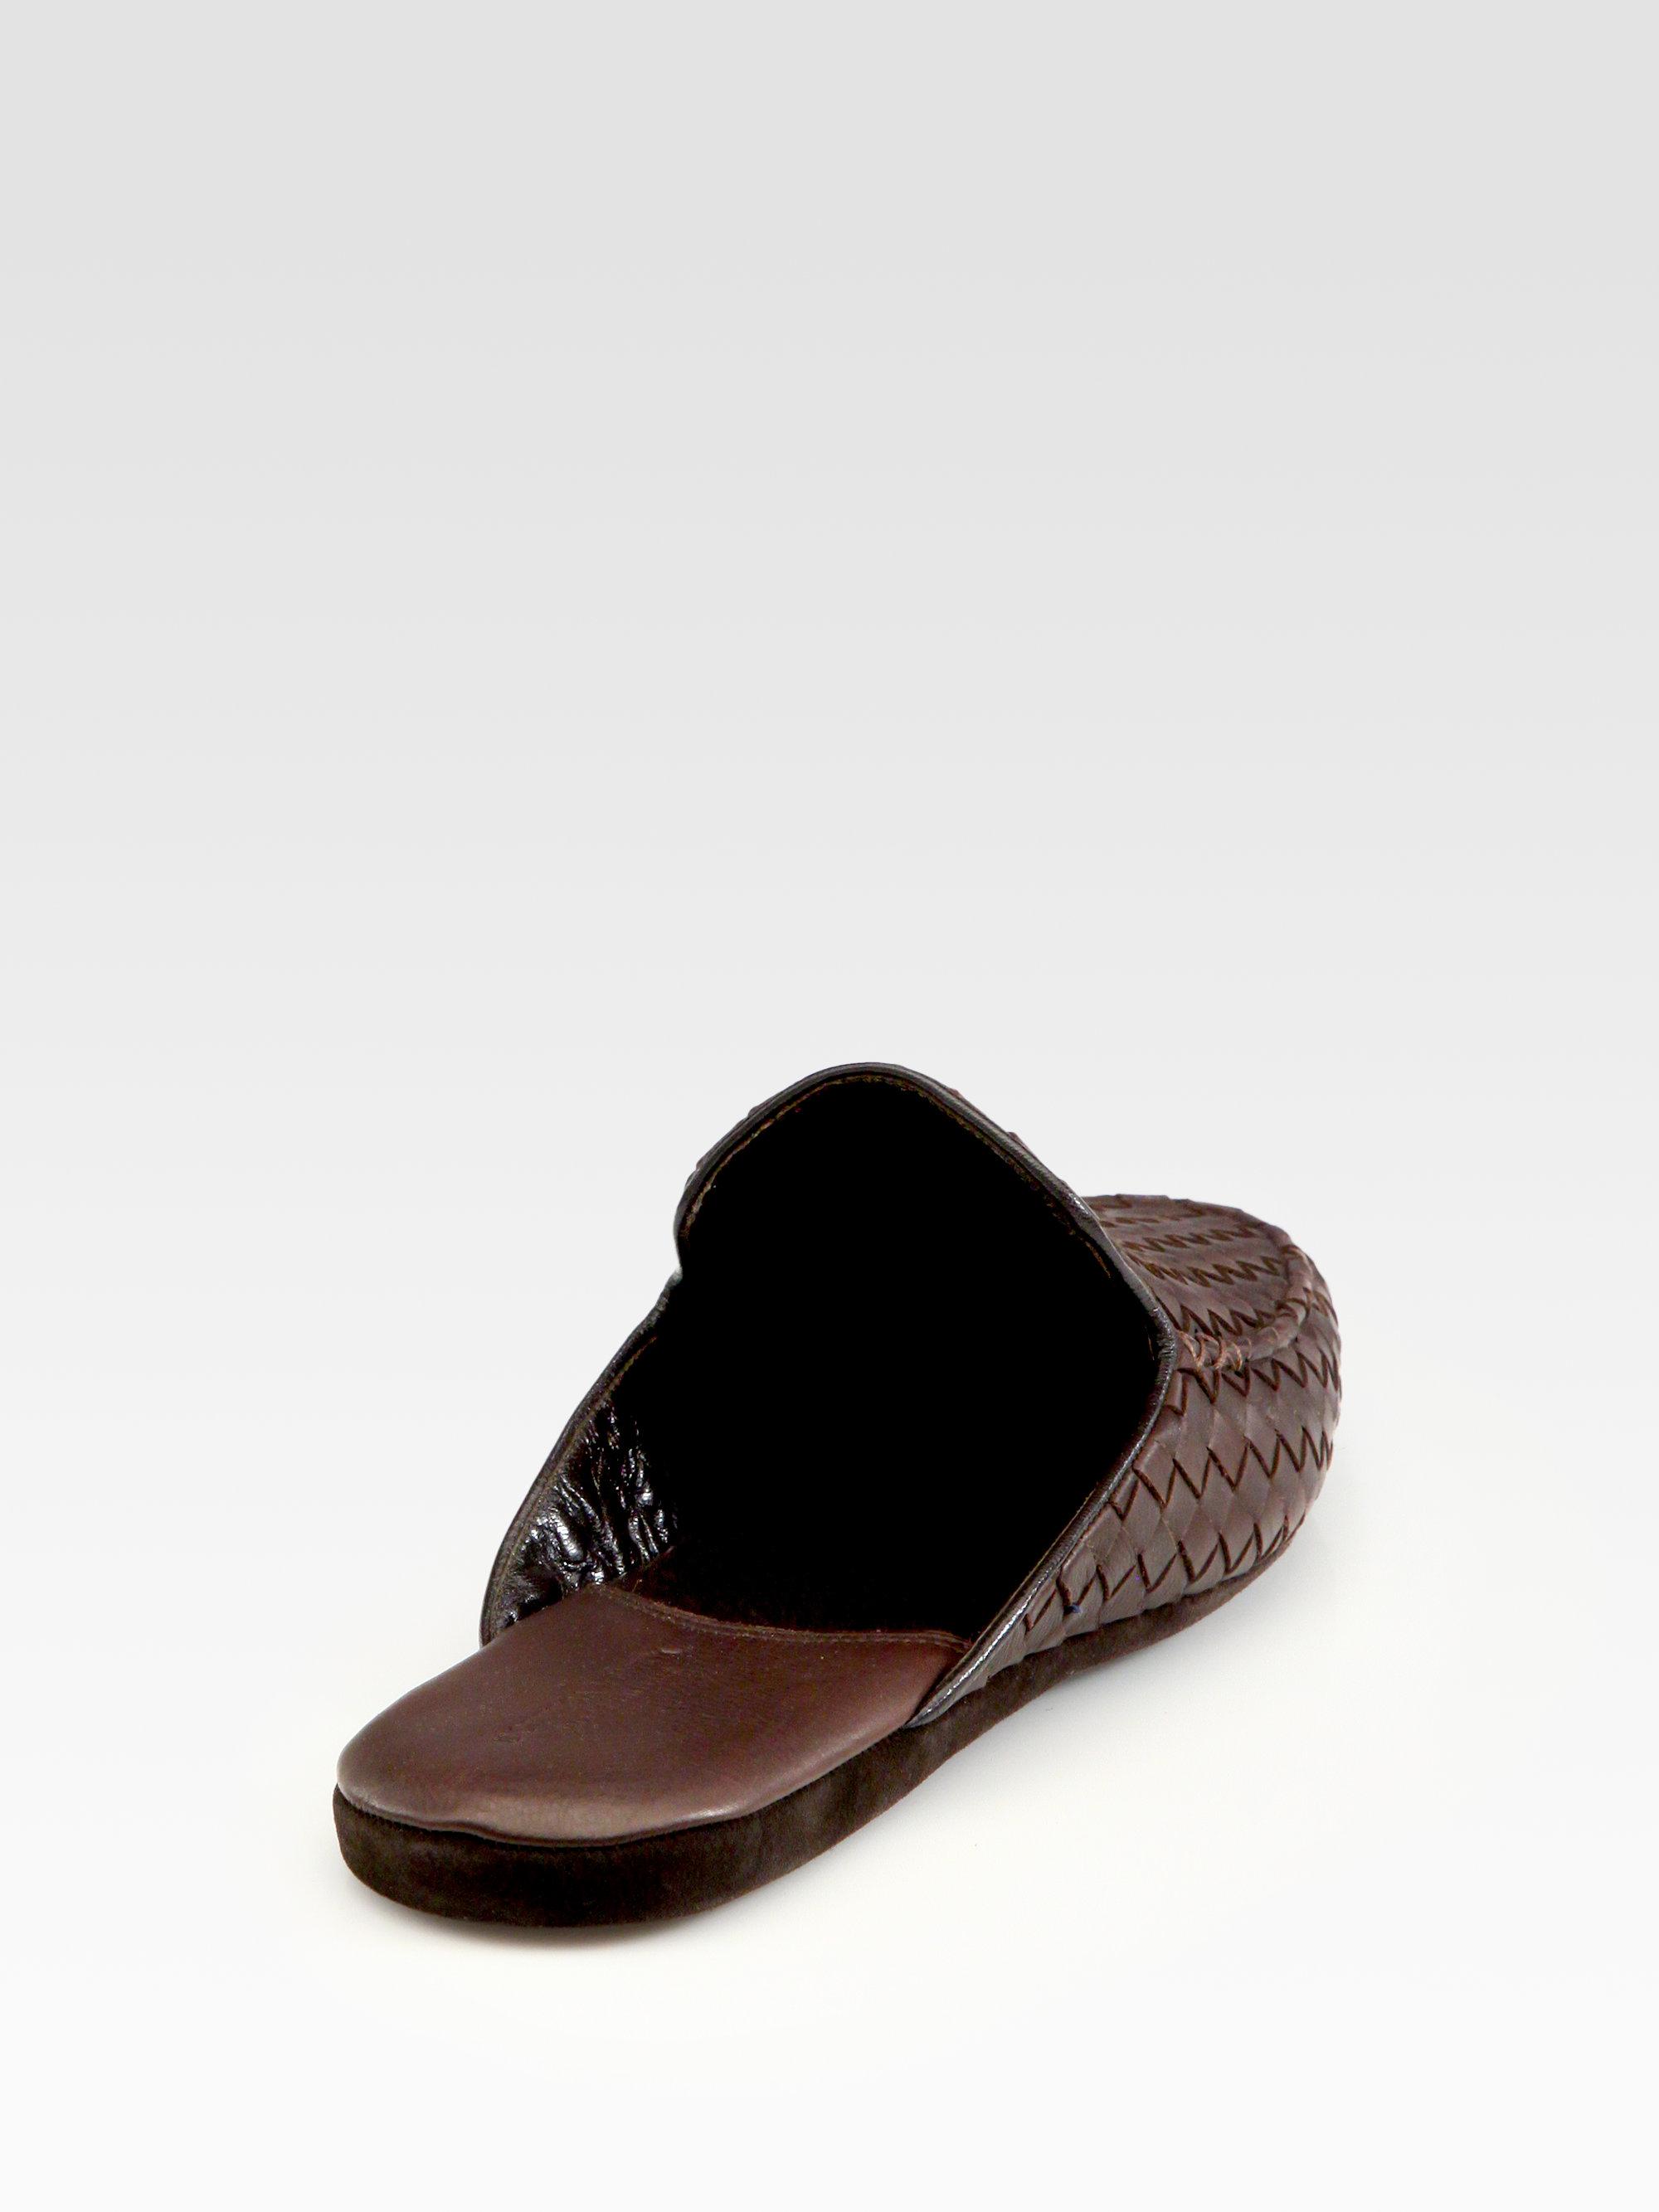 Lyst Bottega Veneta Leather Slippers In Brown For Men